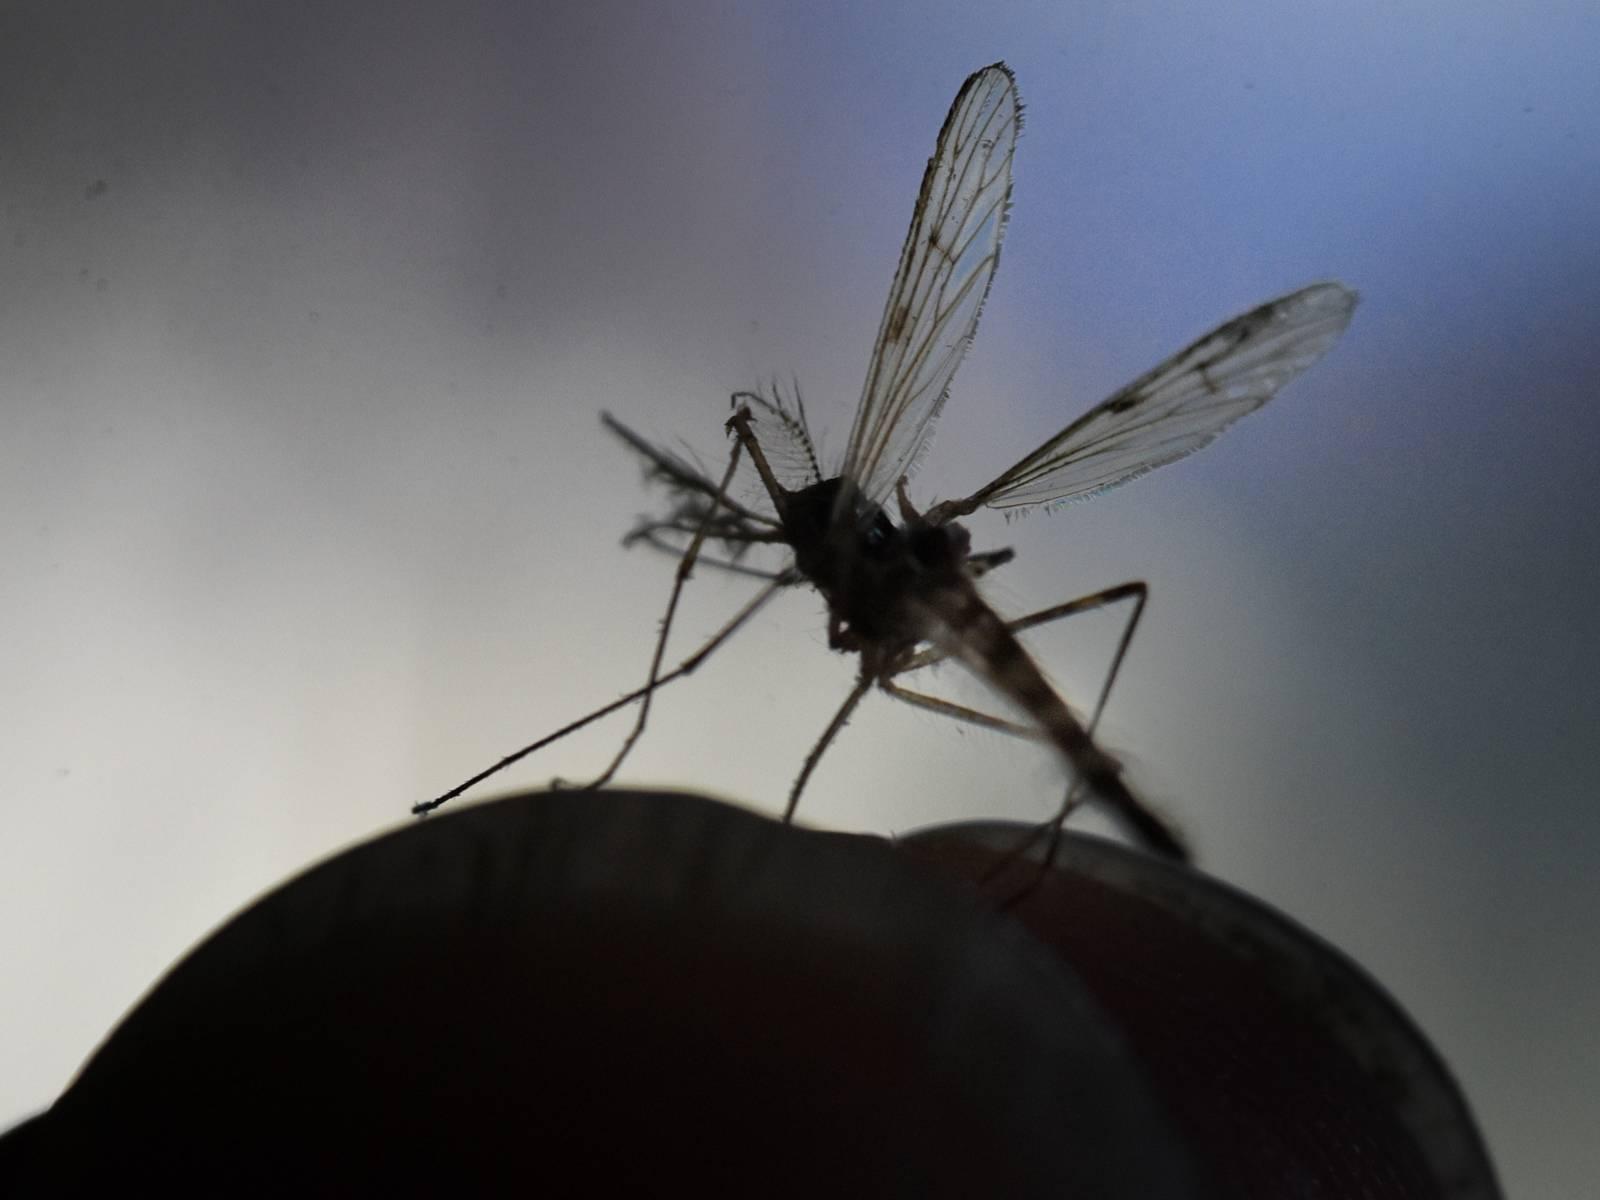 Mücke im Gegenlicht